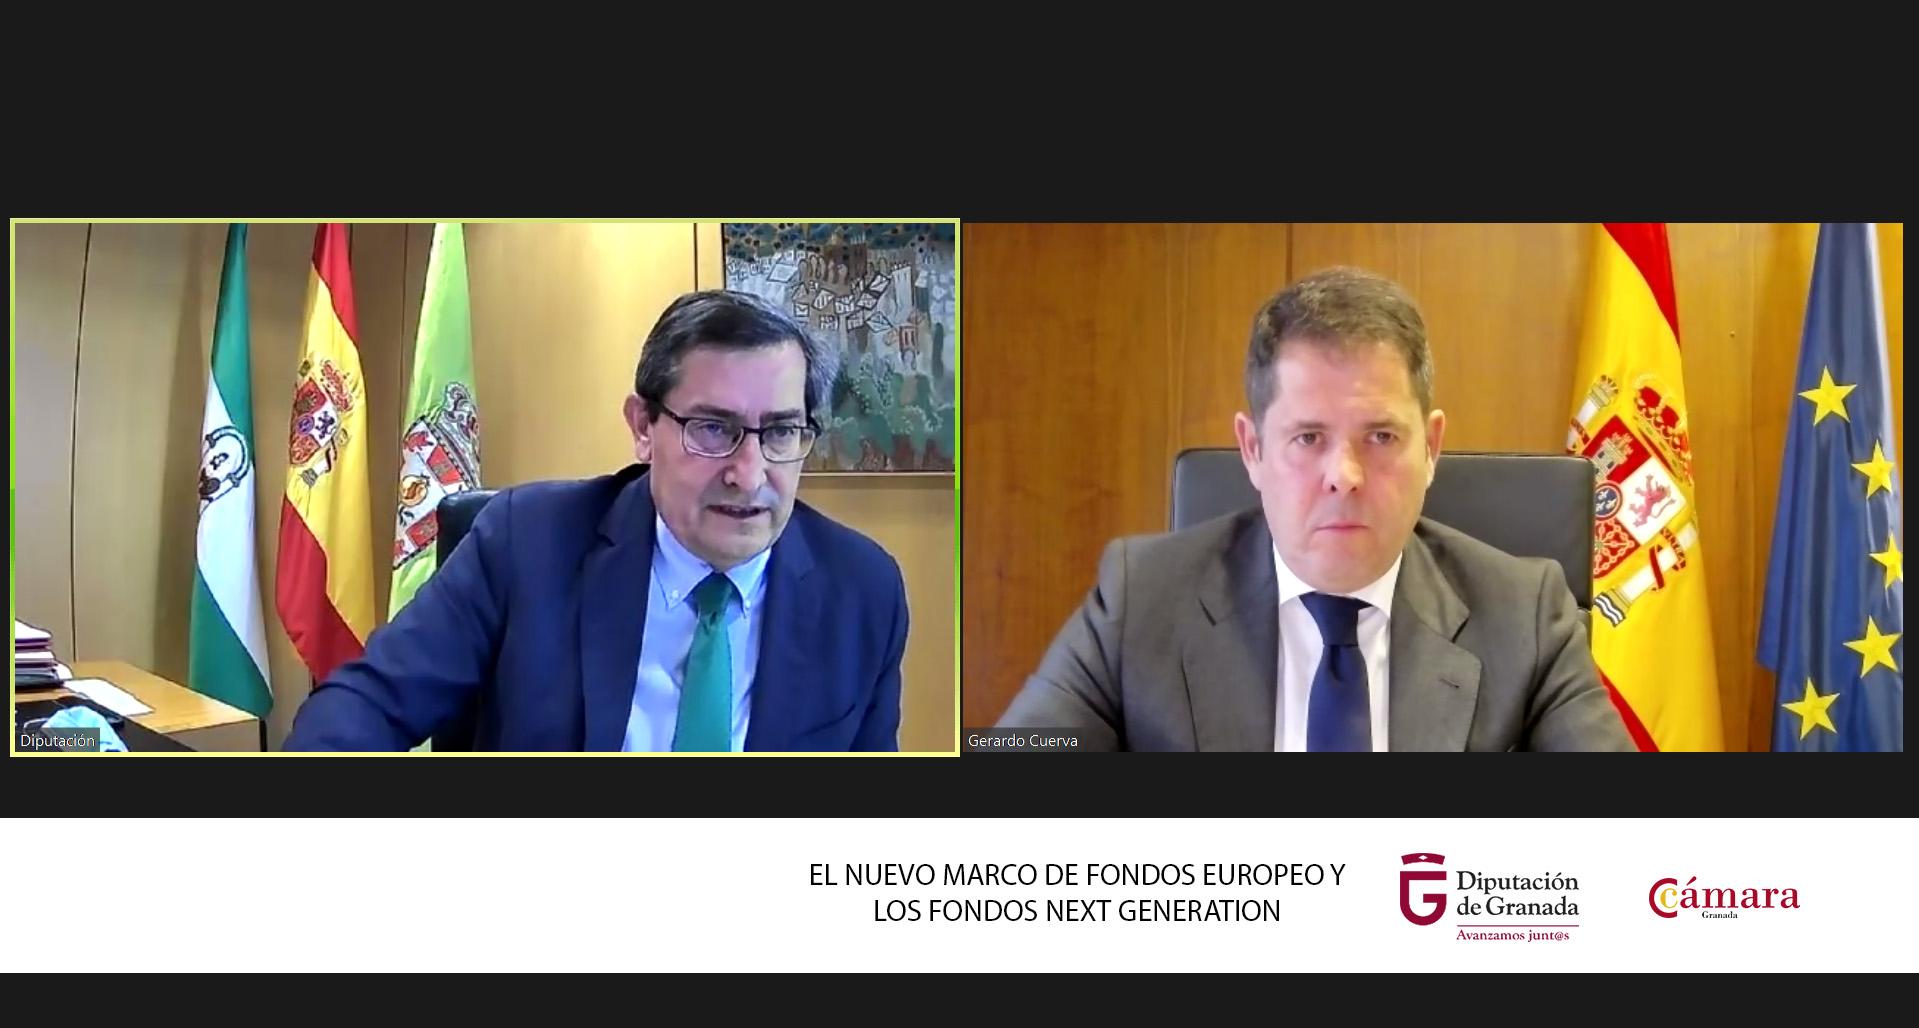 Diputación y Cámara buscan aunar esfuerzos para captar fondos europeos